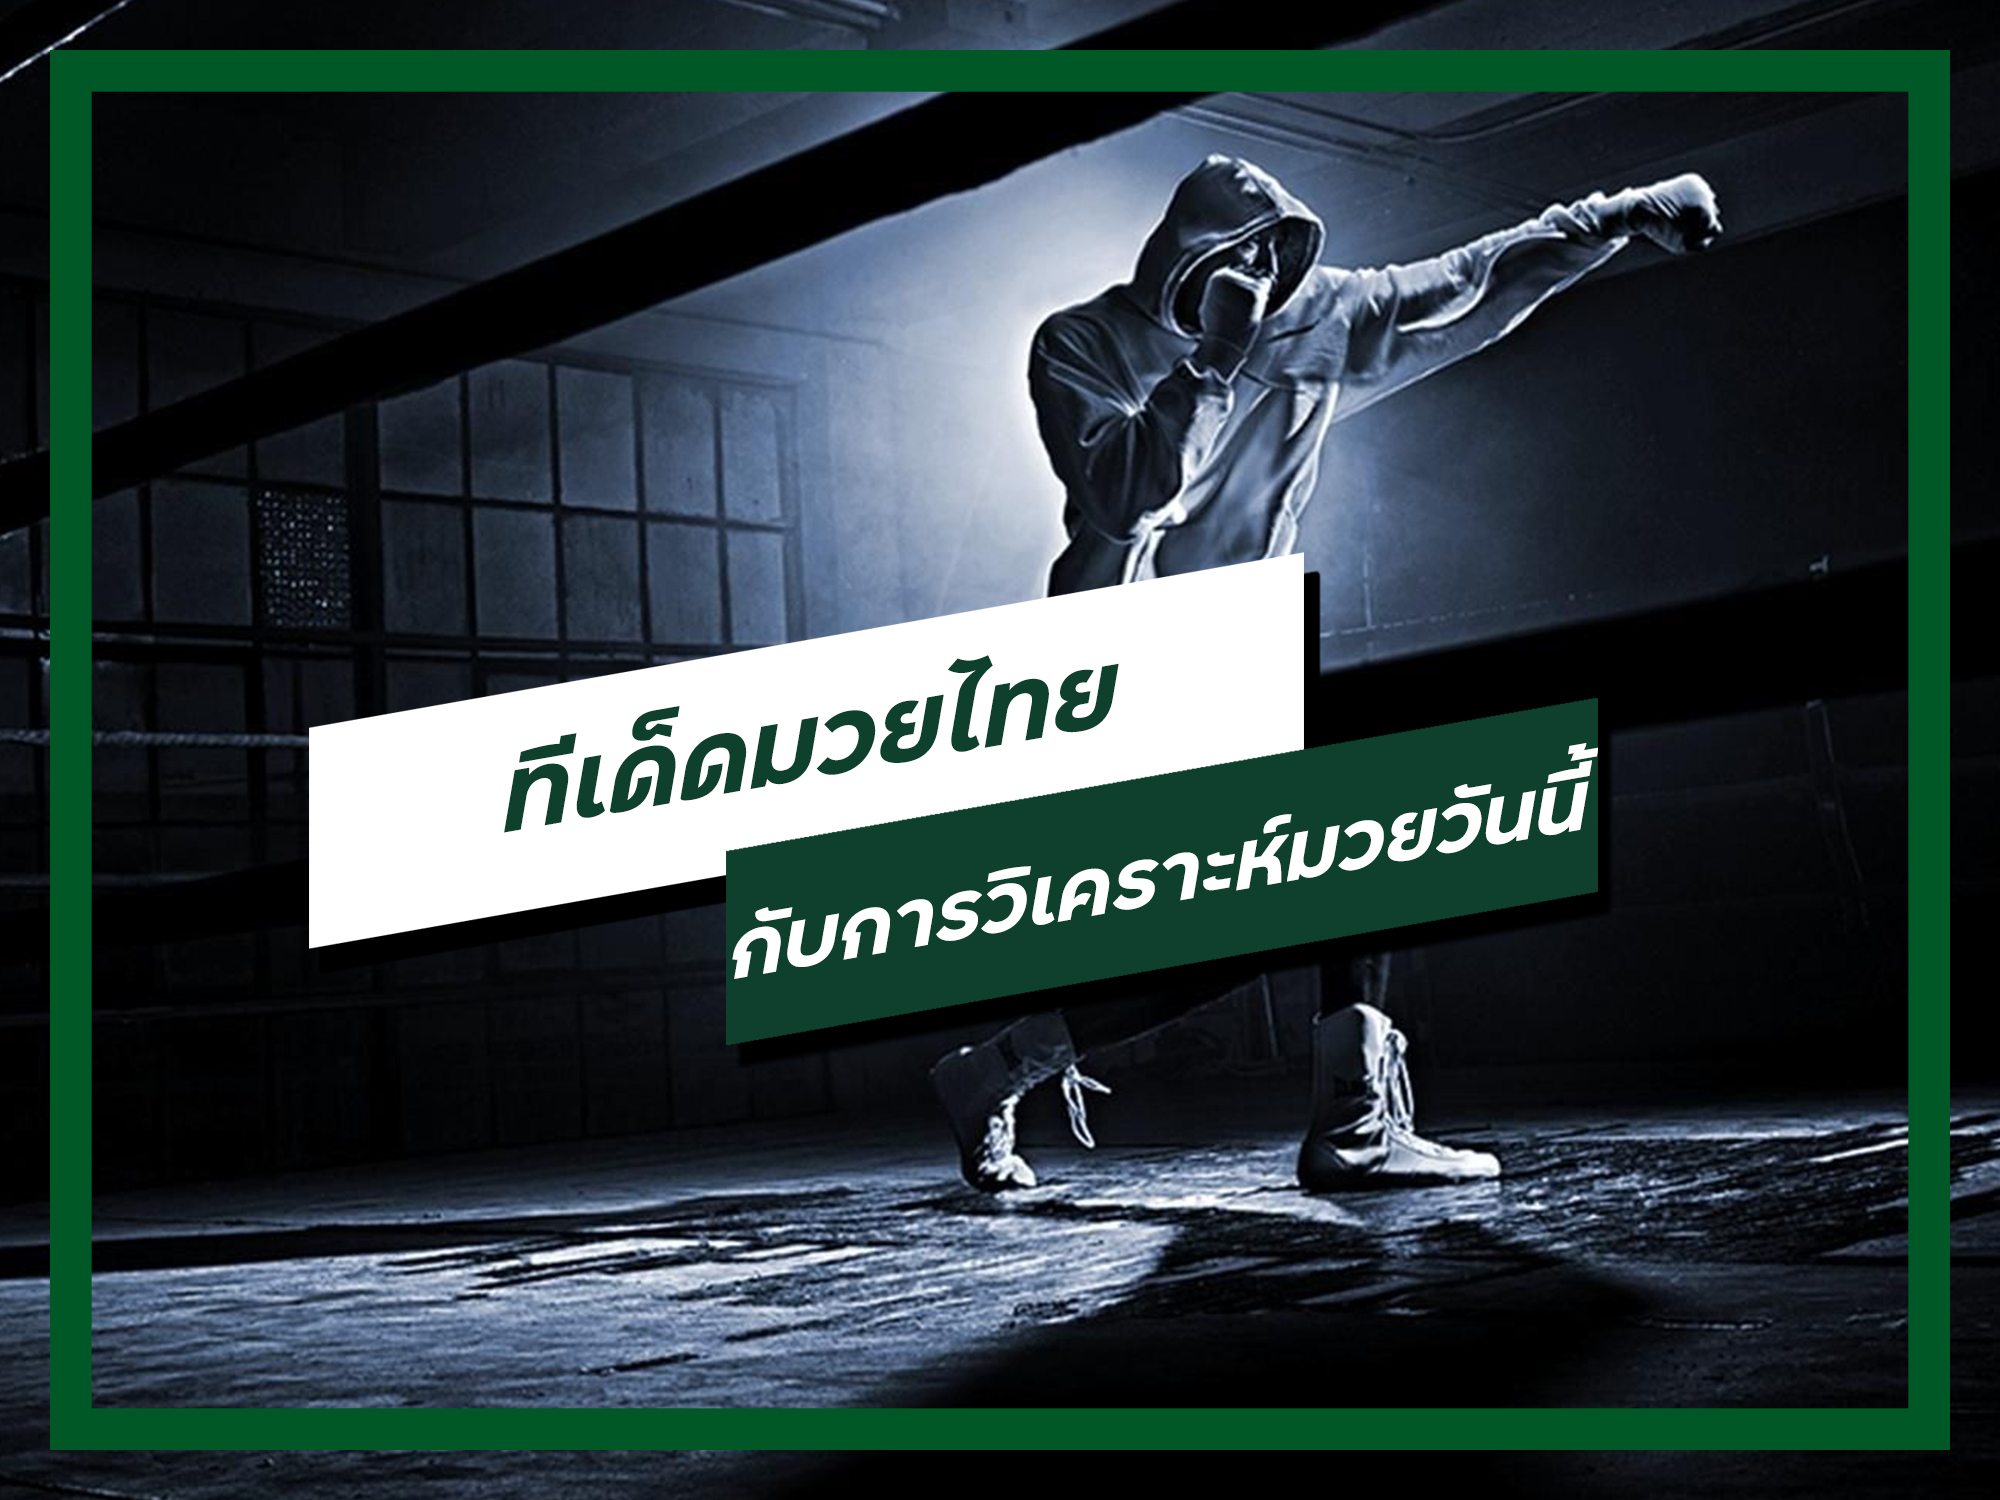 ทีเด็ดมวยไทย กับการวิเคราะห์มวยวันนี้